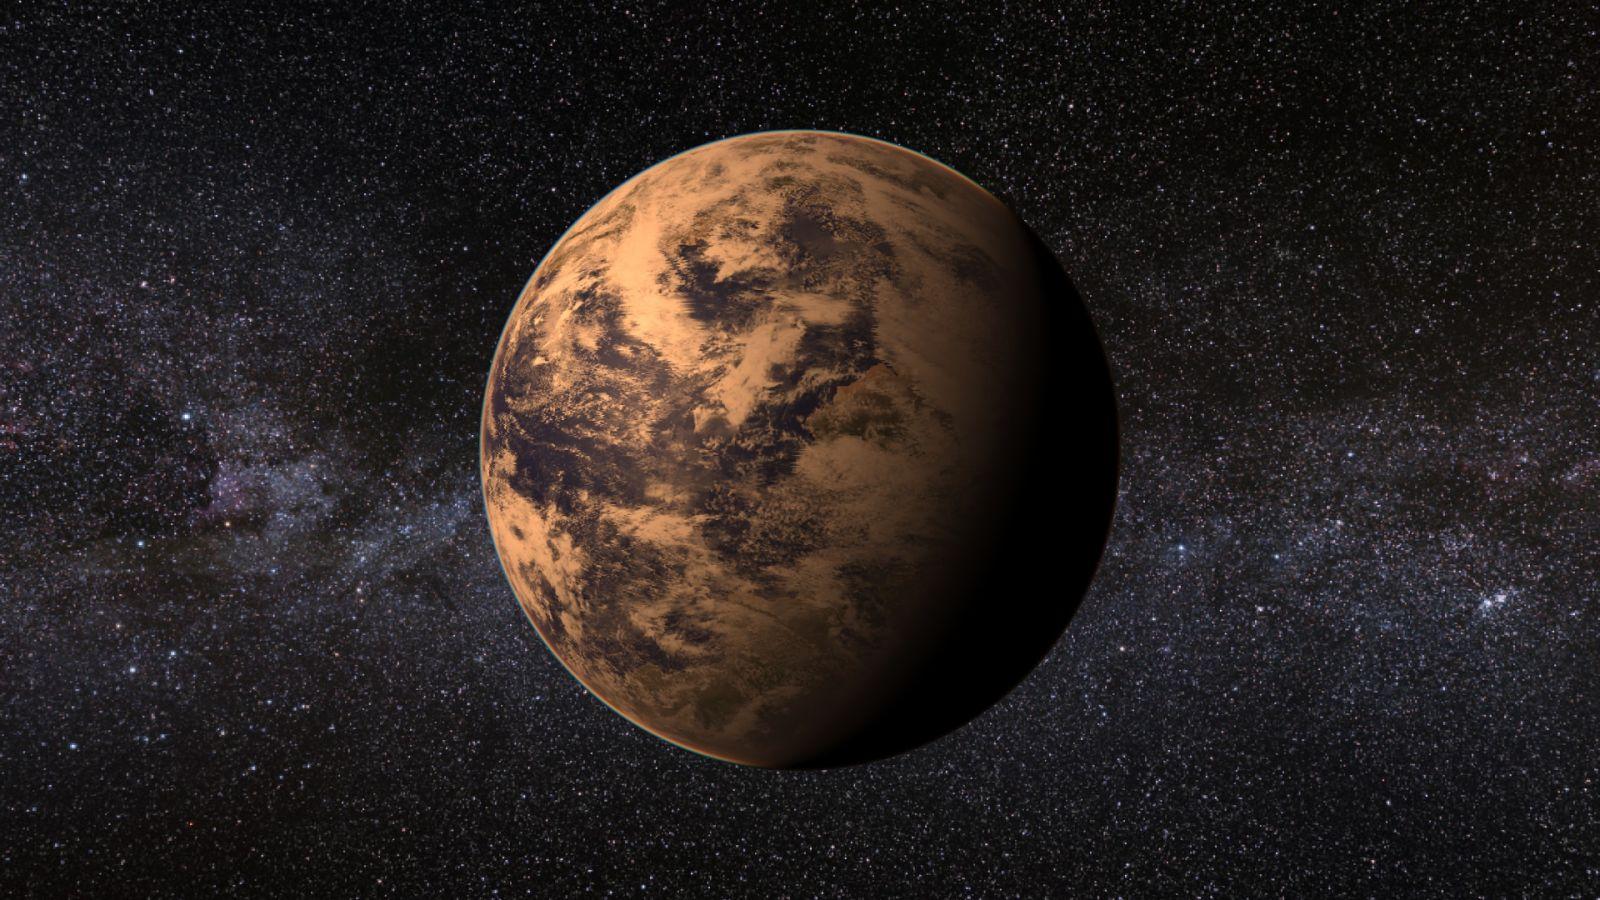 Gliese 667 Cc - экзопланета, которая возможно пригодна для жизни